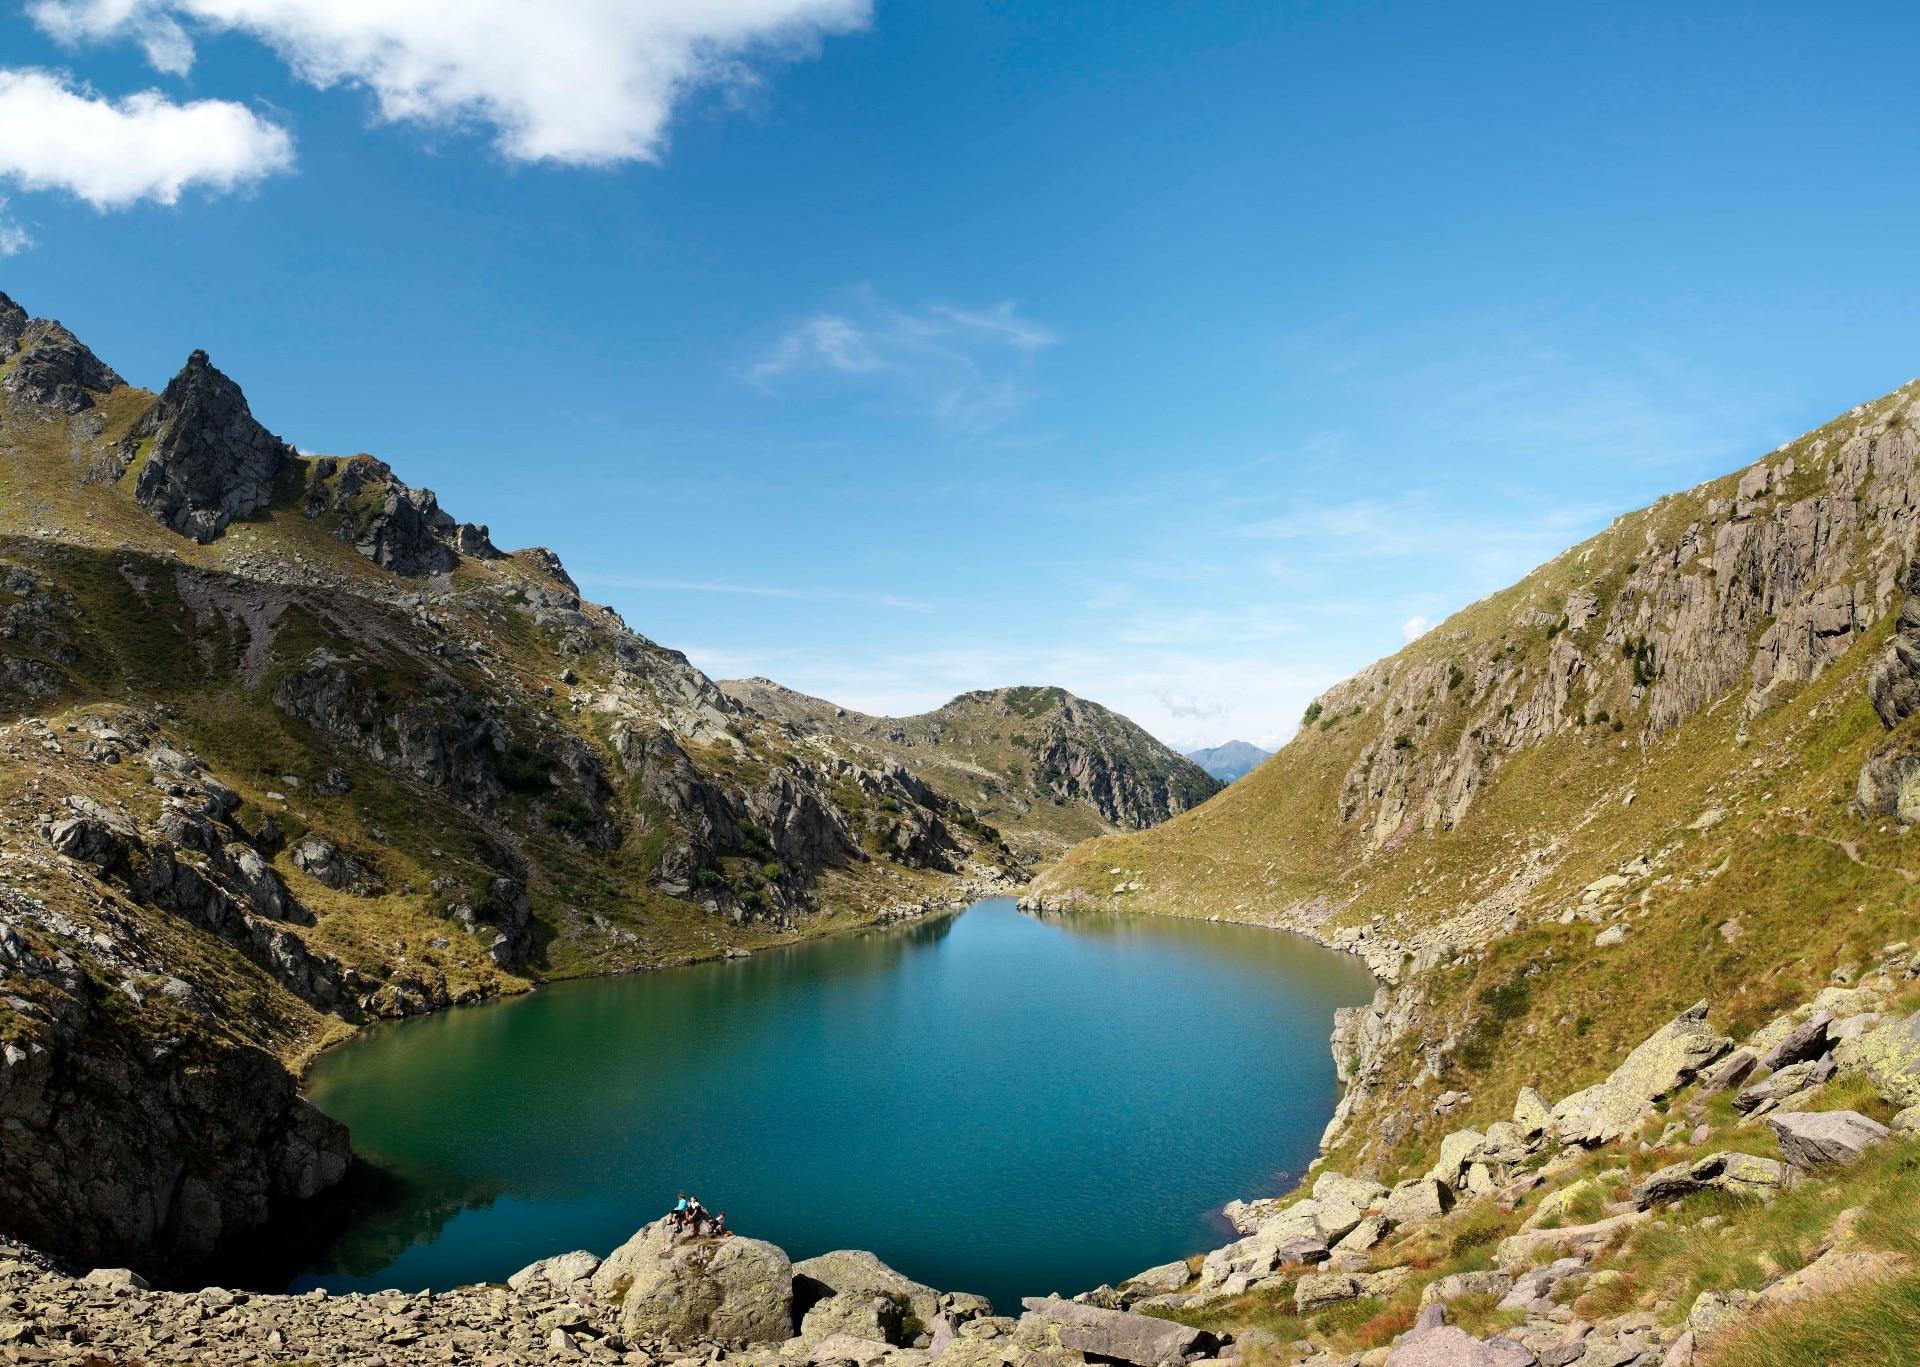 Il lago Brutto, localizzato a 2207 metri di altitudine in Val di Fiemme